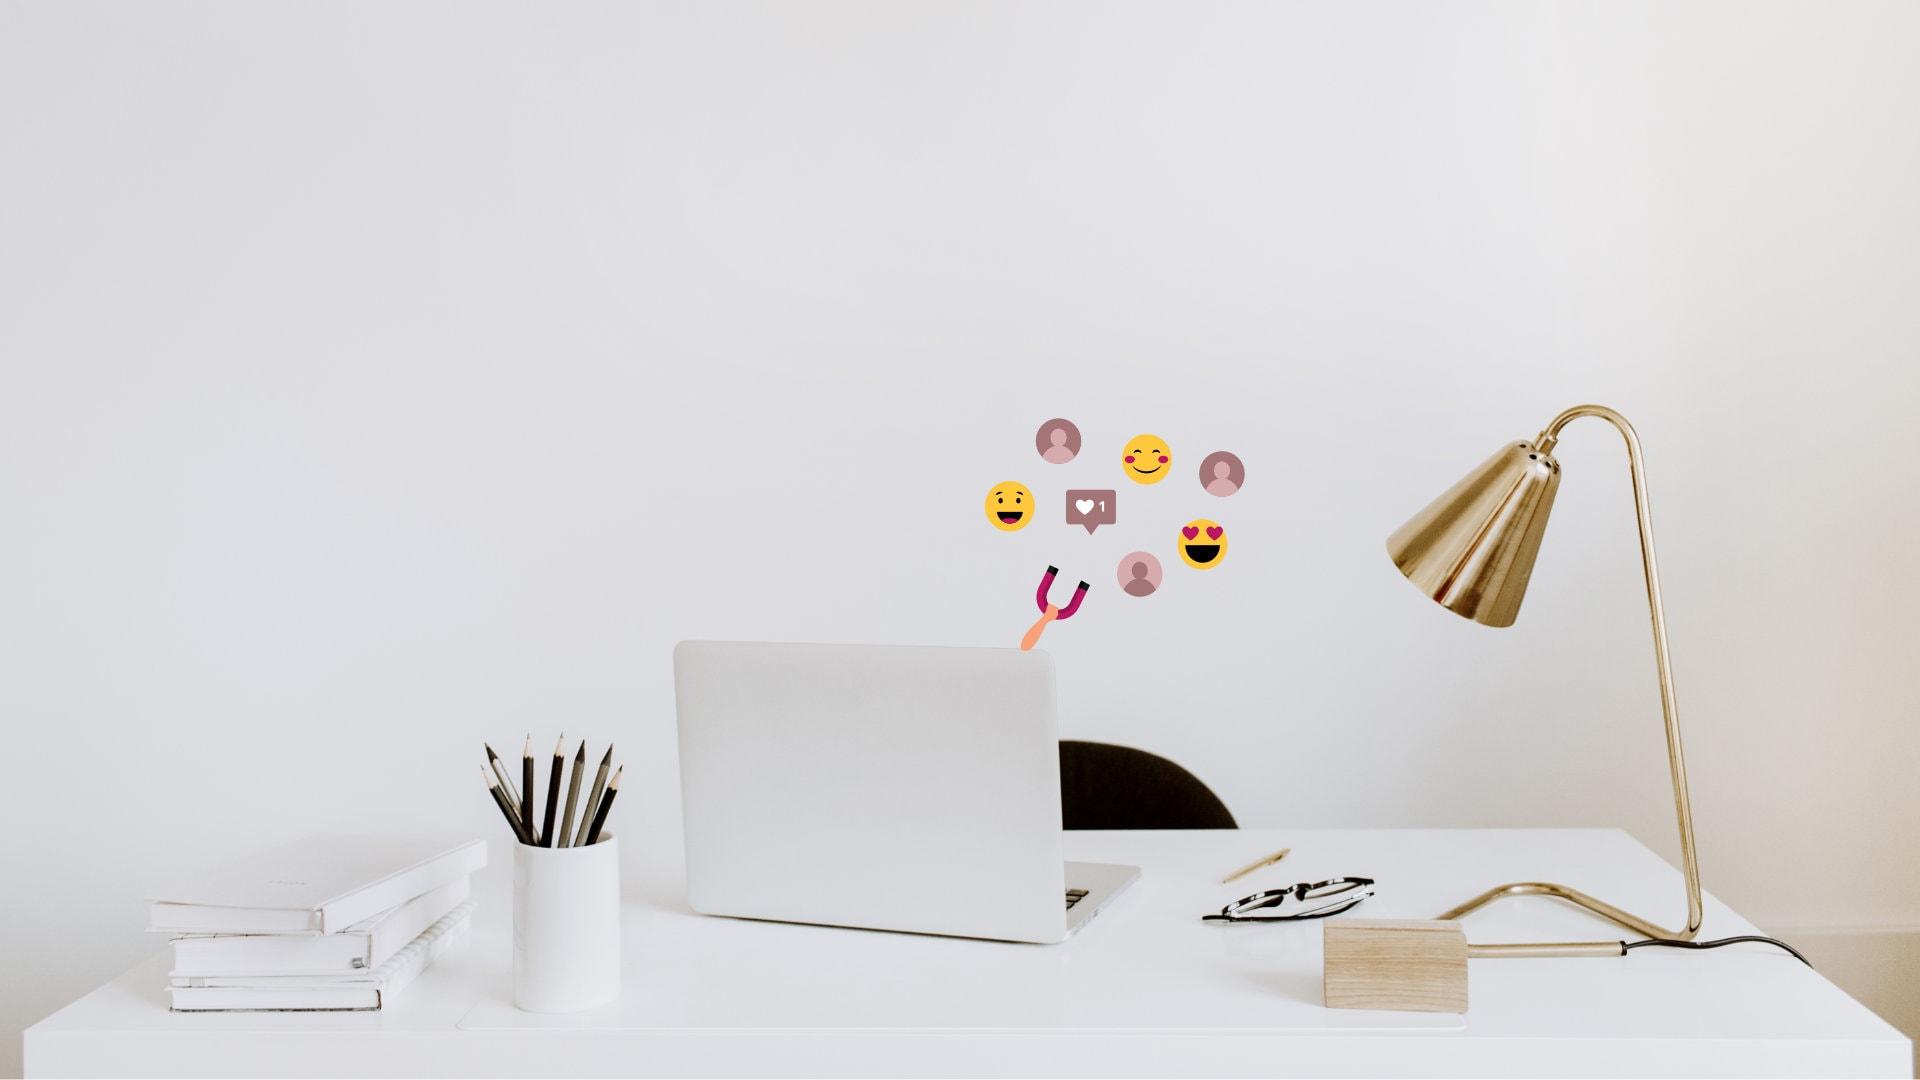 Webseite, die Kunden lieben